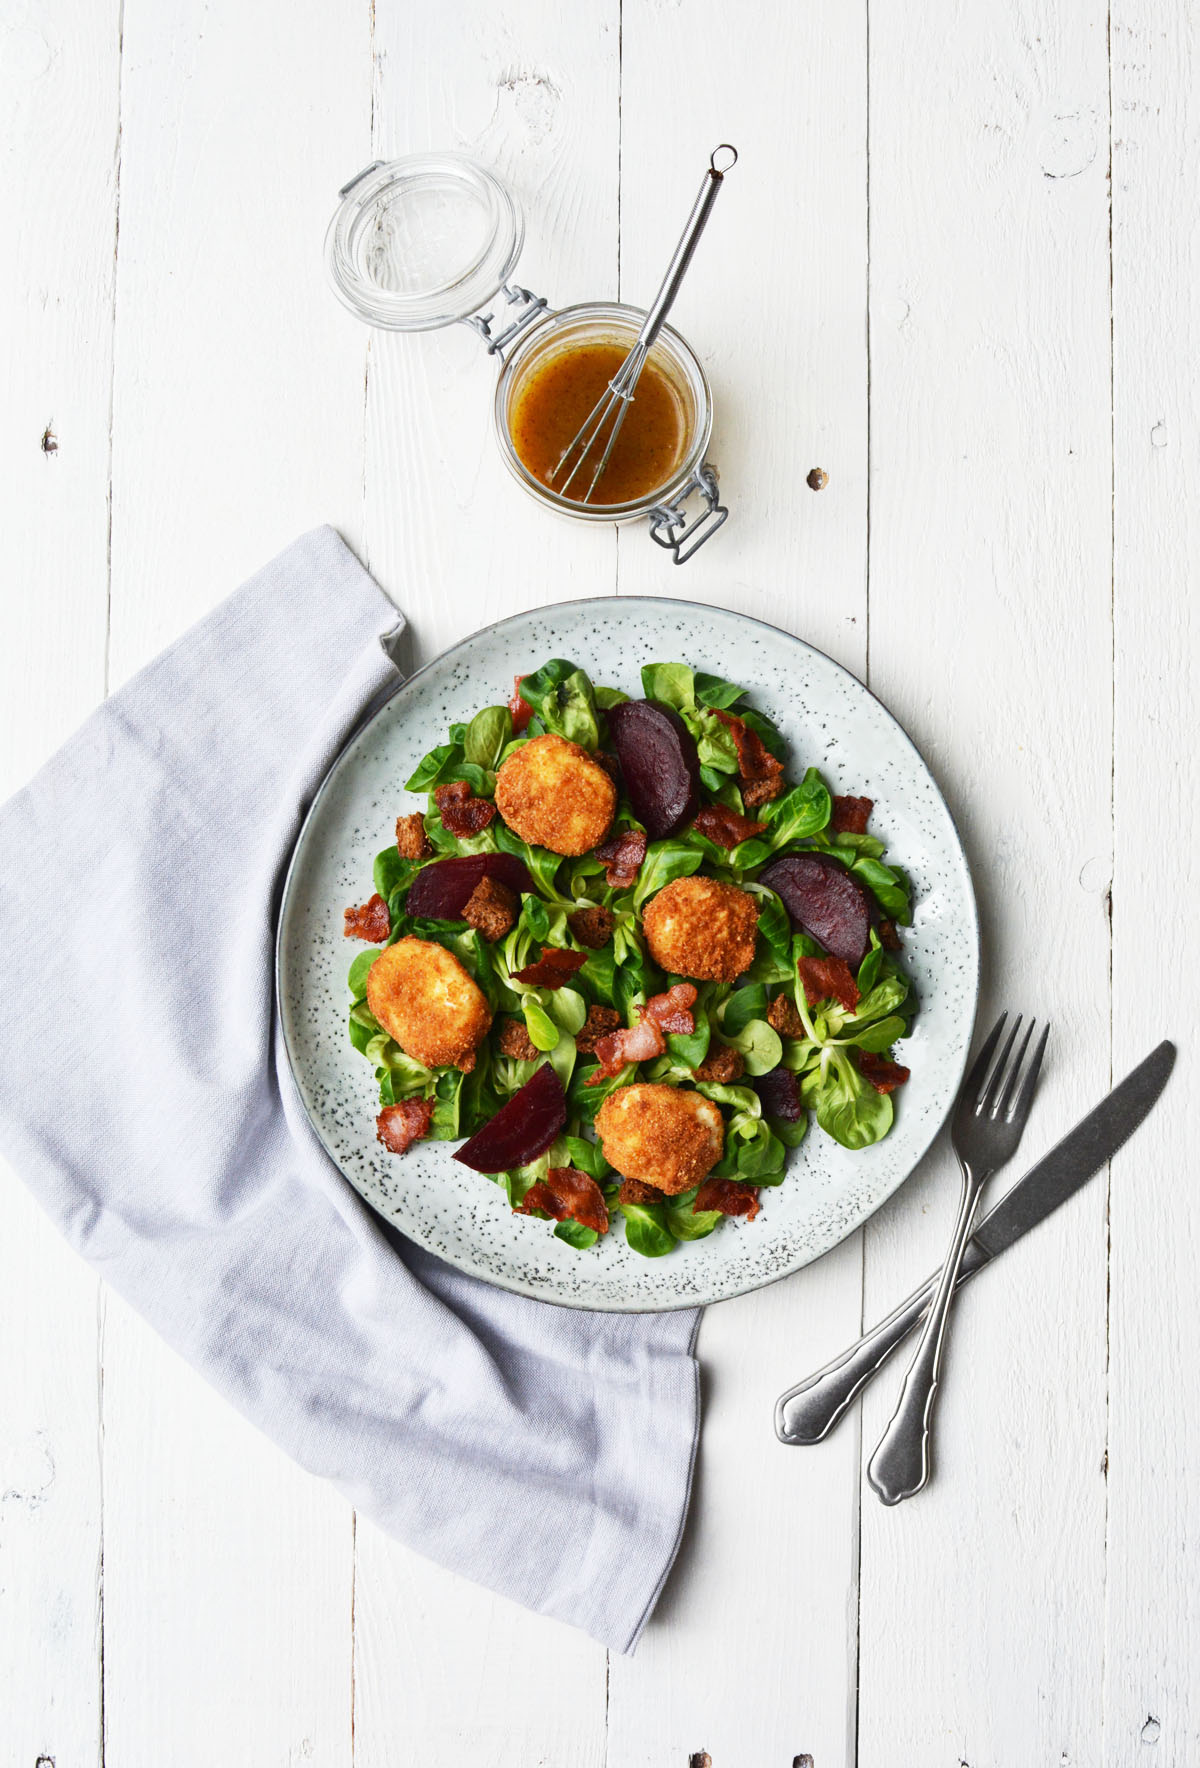 Salade met gefrituurde geitenkaasjes 1.1.